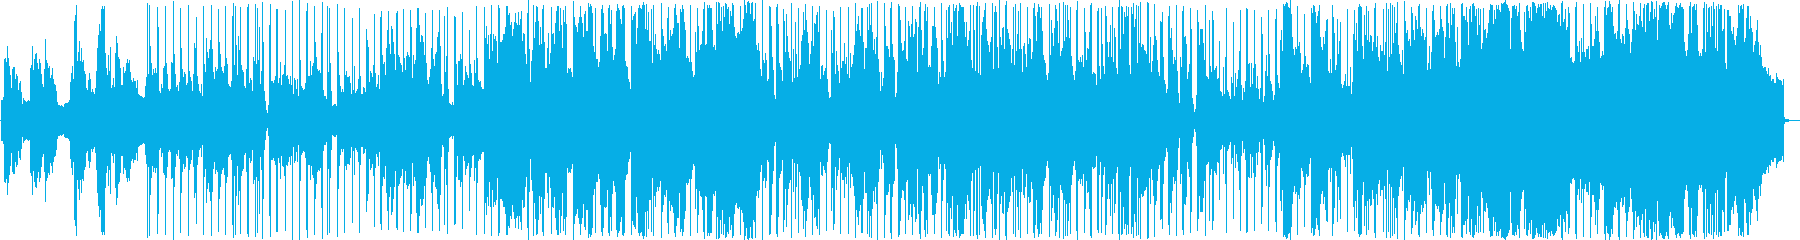 ハモンドB3が響くソウルフルなバラードの再生済みの波形